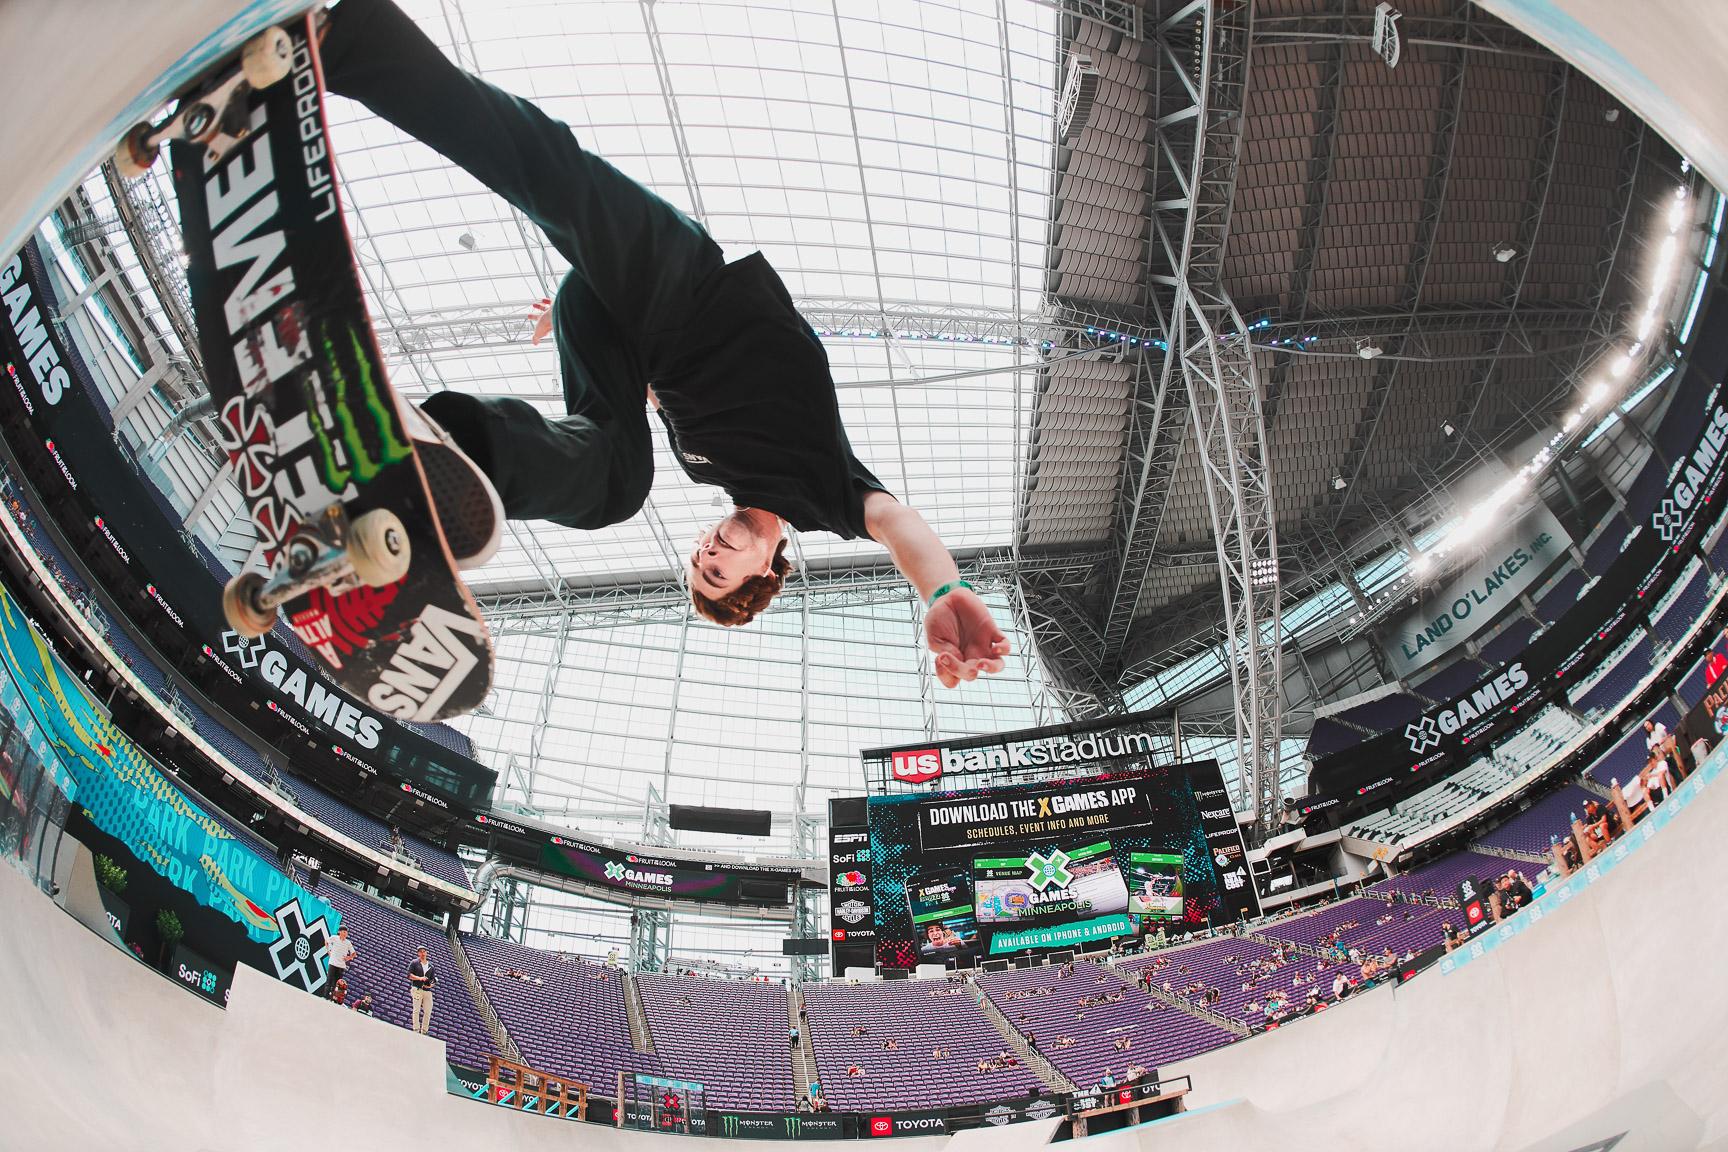 Tom Schaar, Skateboard Park practice